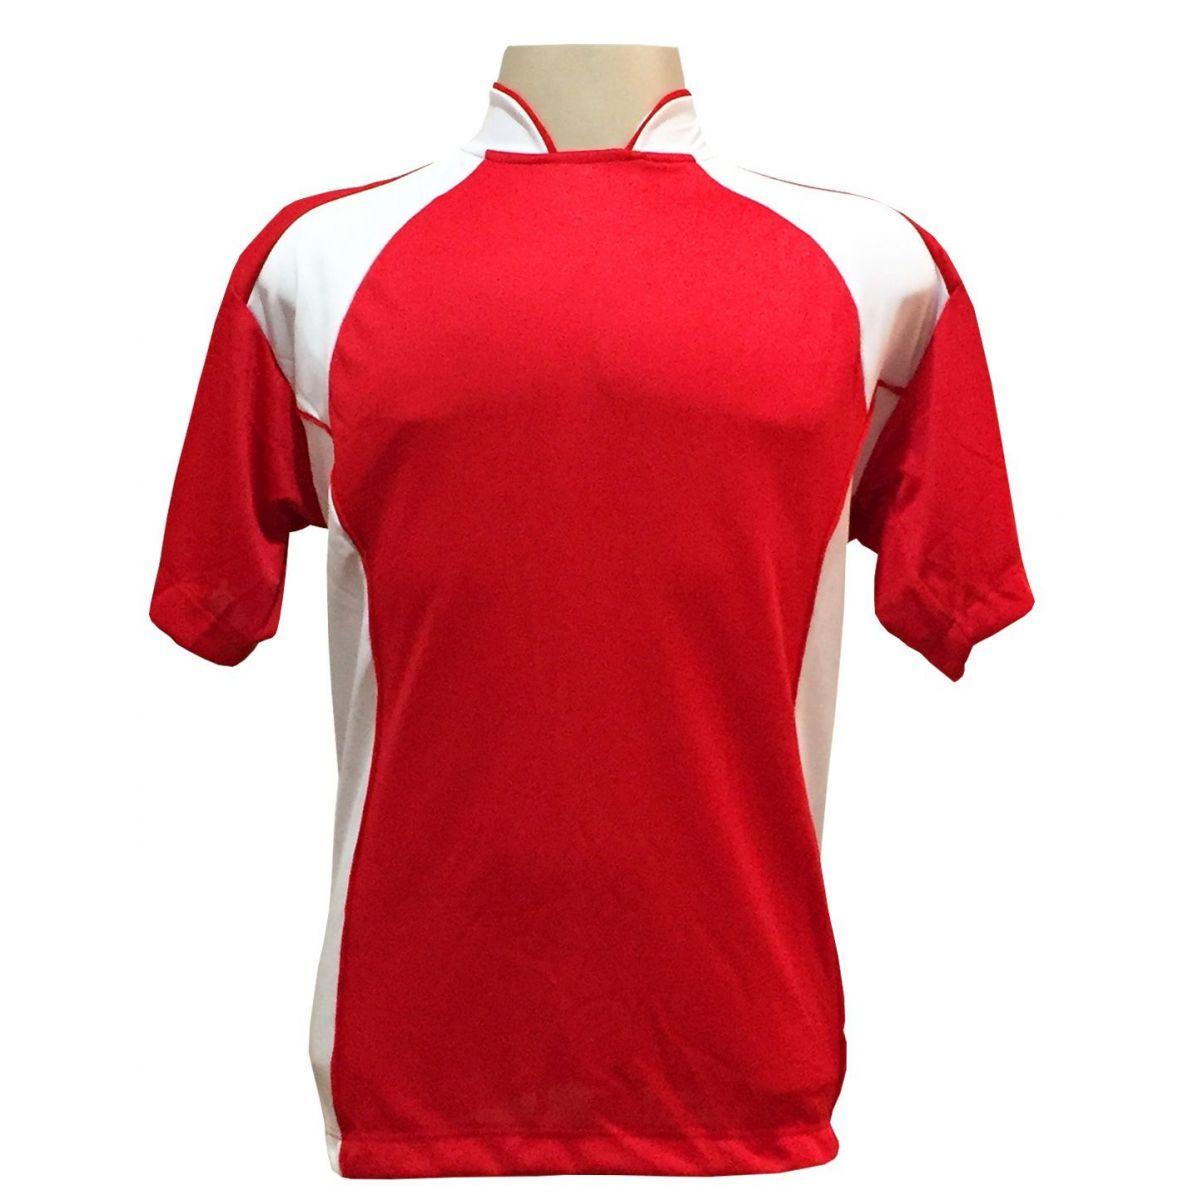 Uniforme Esportivo com 14 camisas modelo Suécia Vermelho/Branco + 14 calções modelo Madrid + 1 Goleiro + Brindes